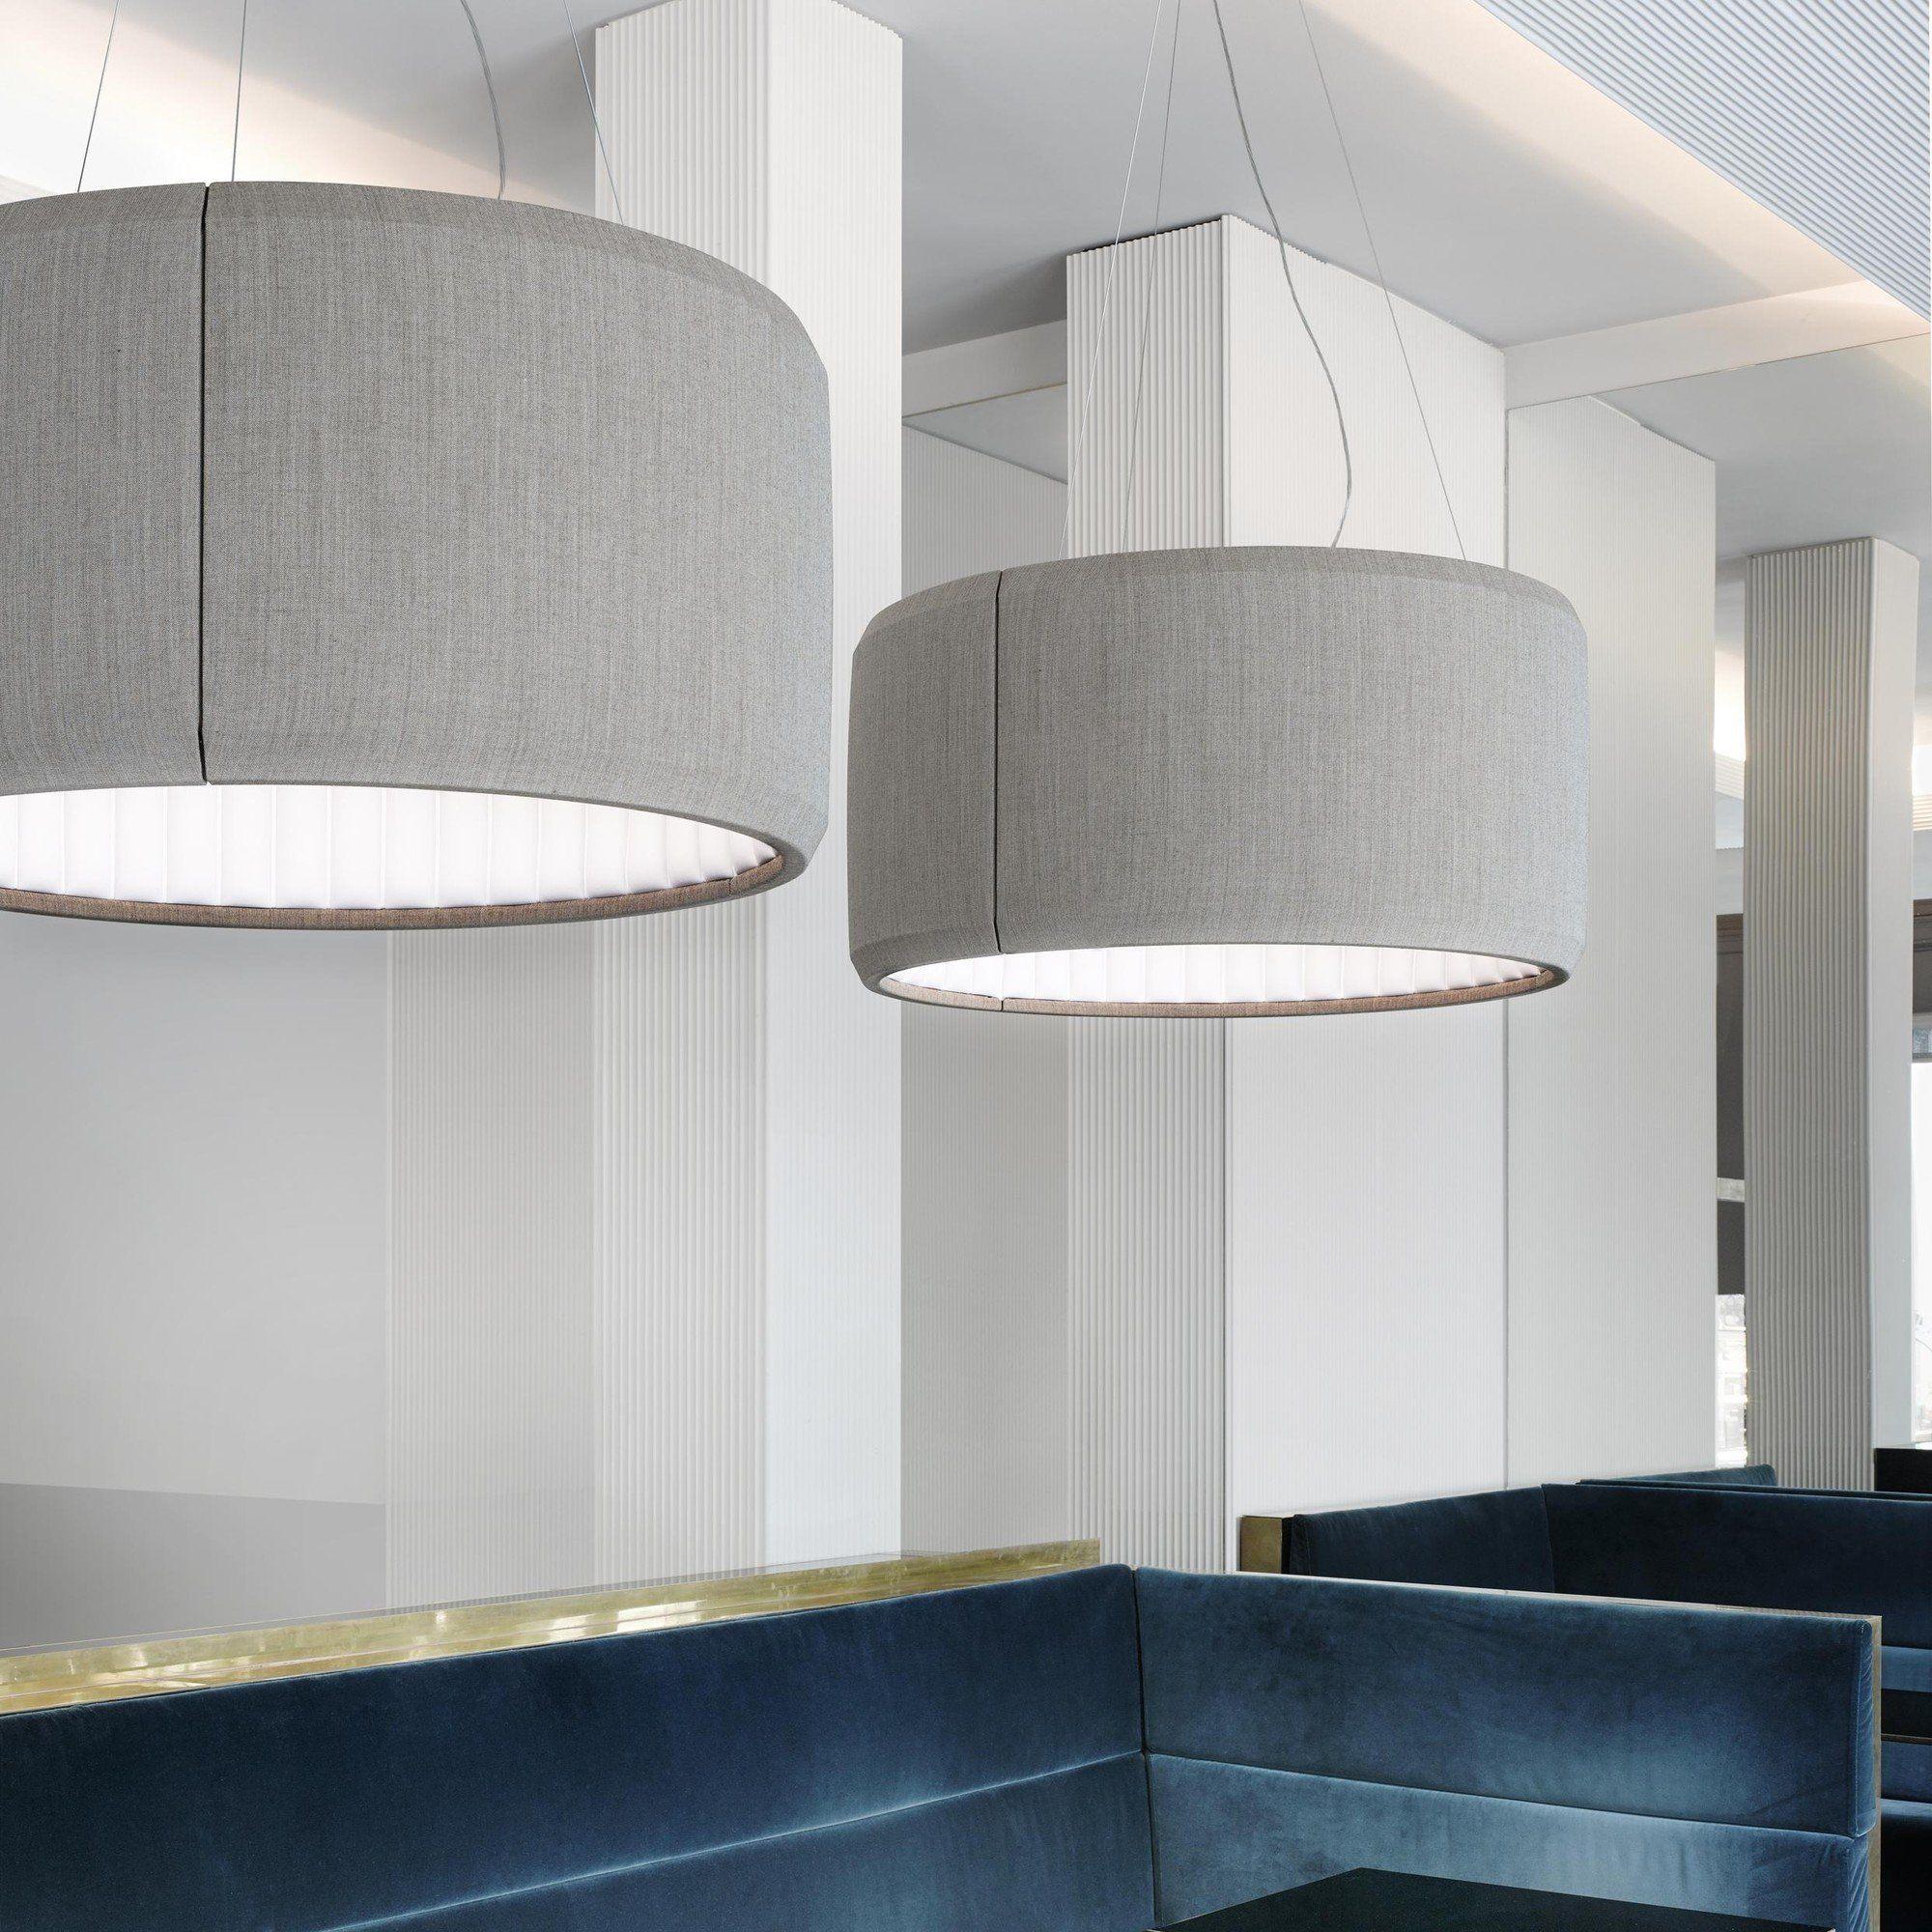 Cuisine Gris Clair cuisine & maison luminaires intérieur suspension simple